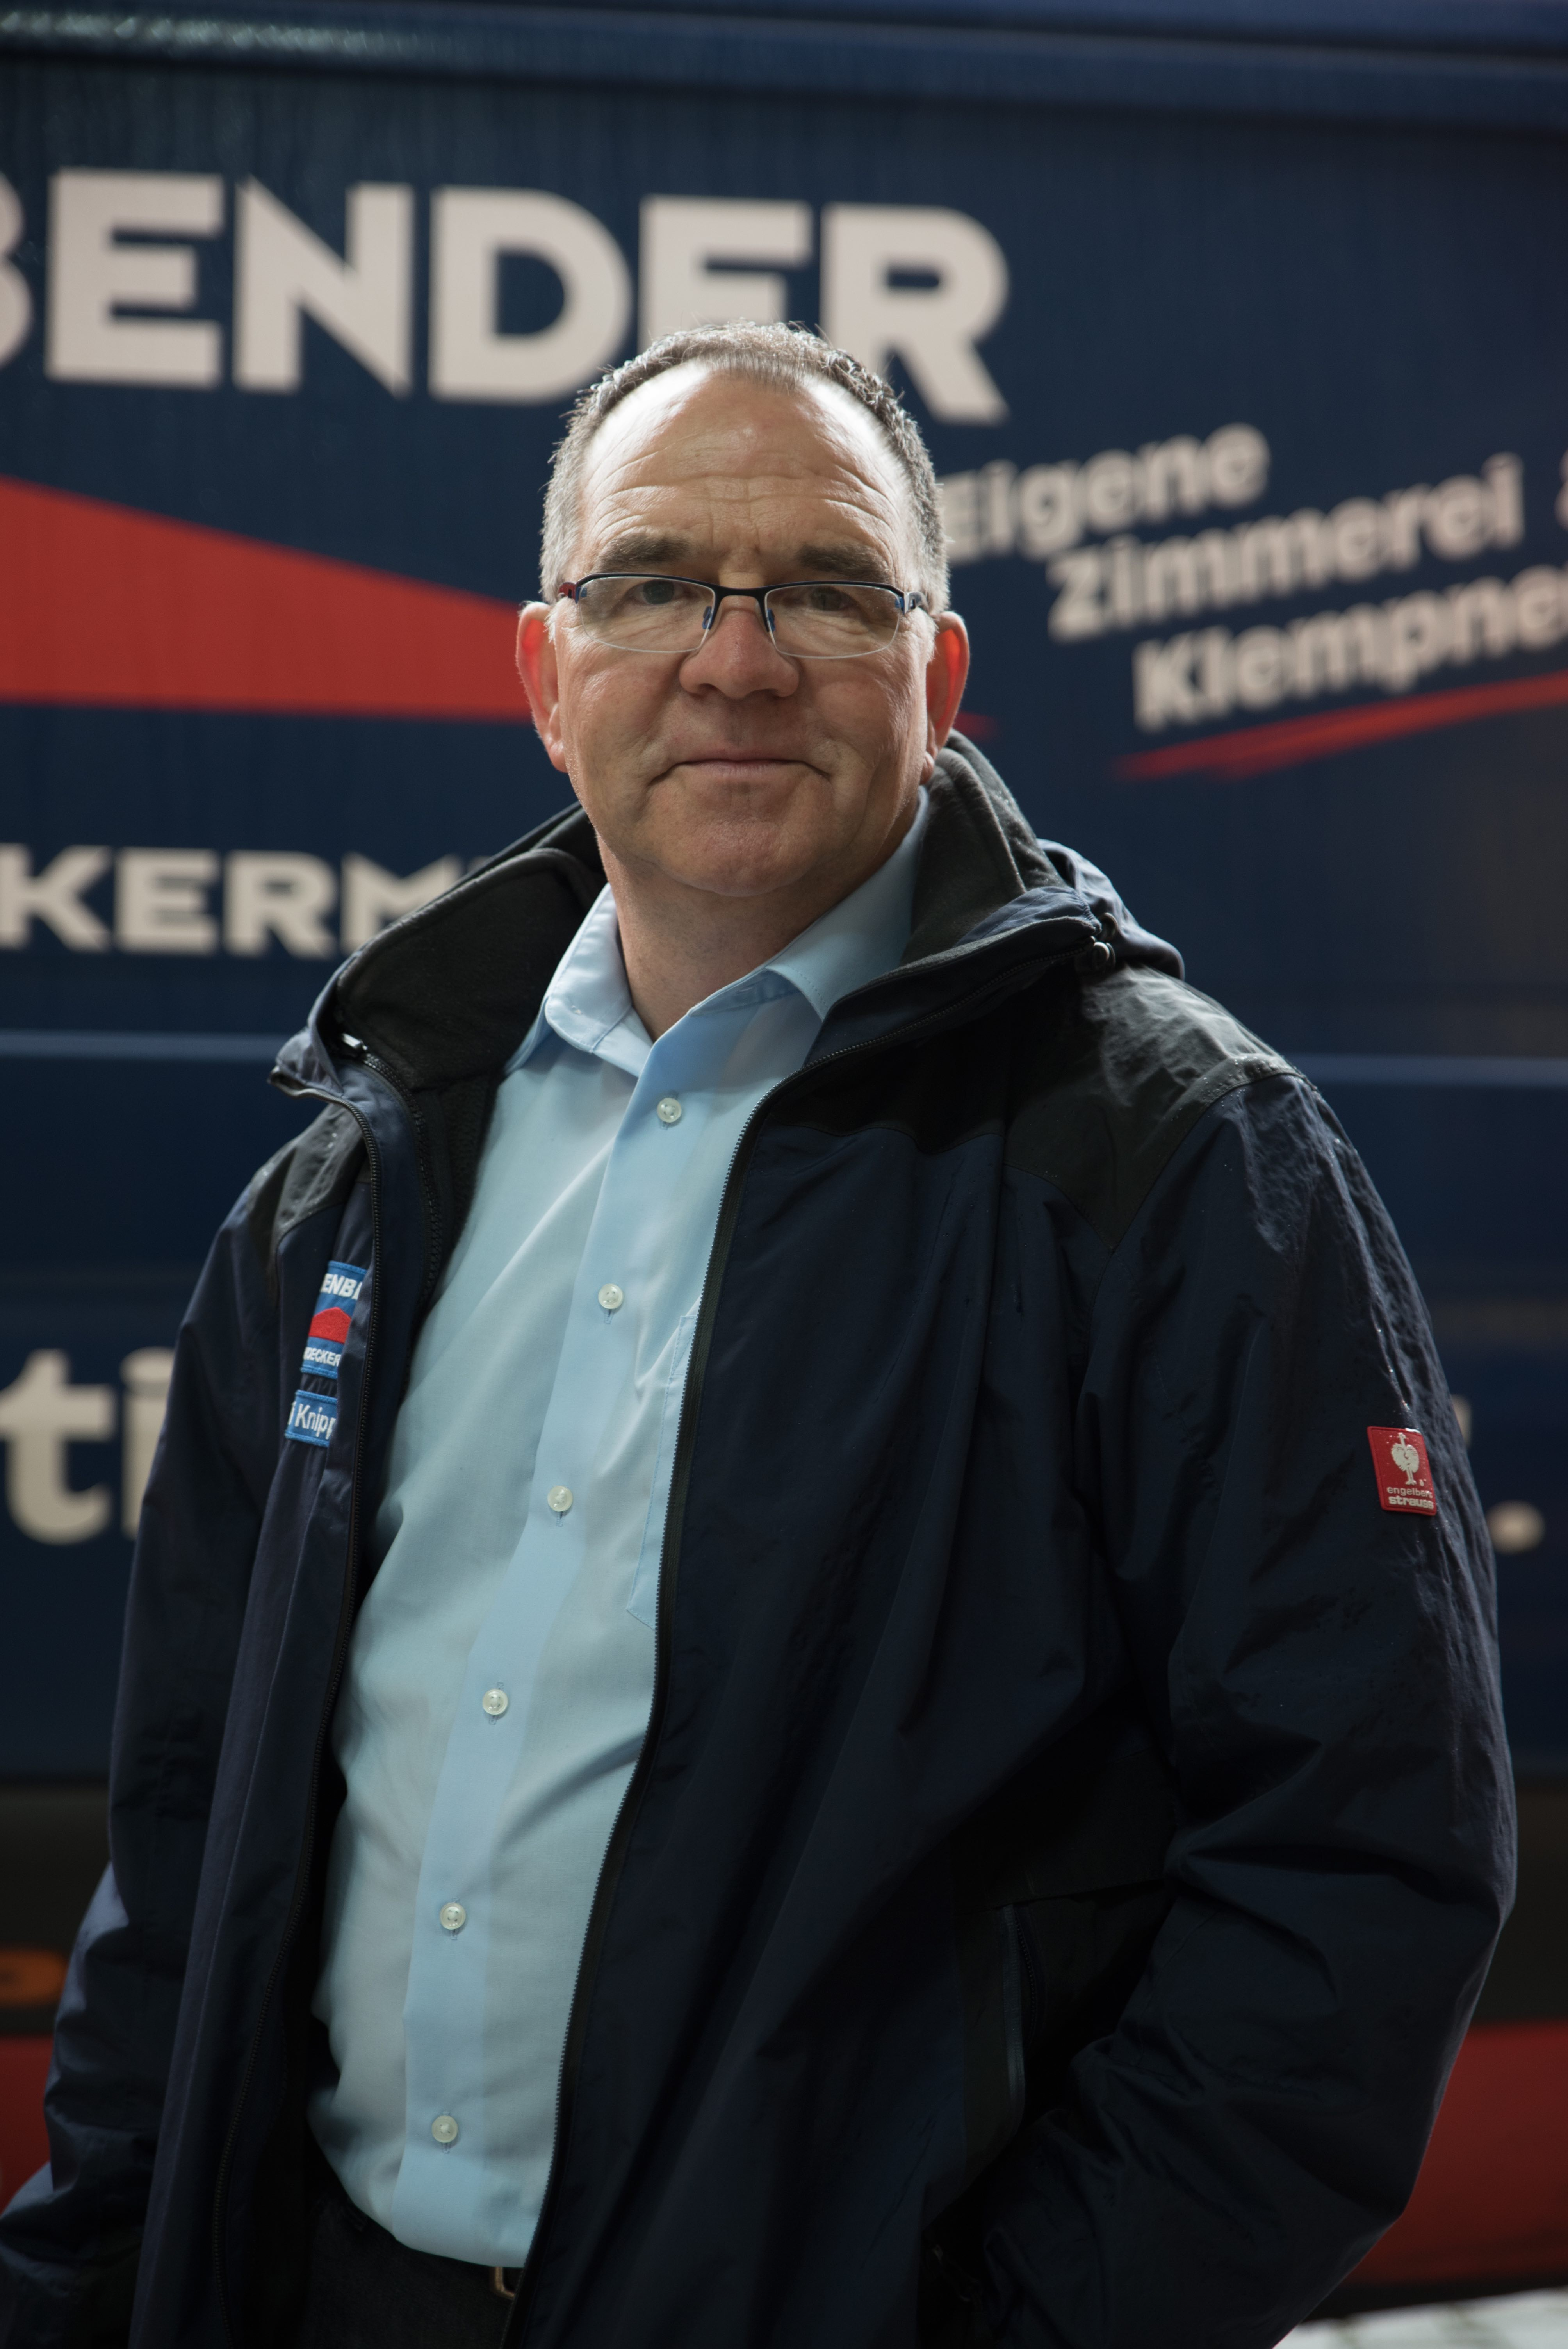 Ulrich Knipp